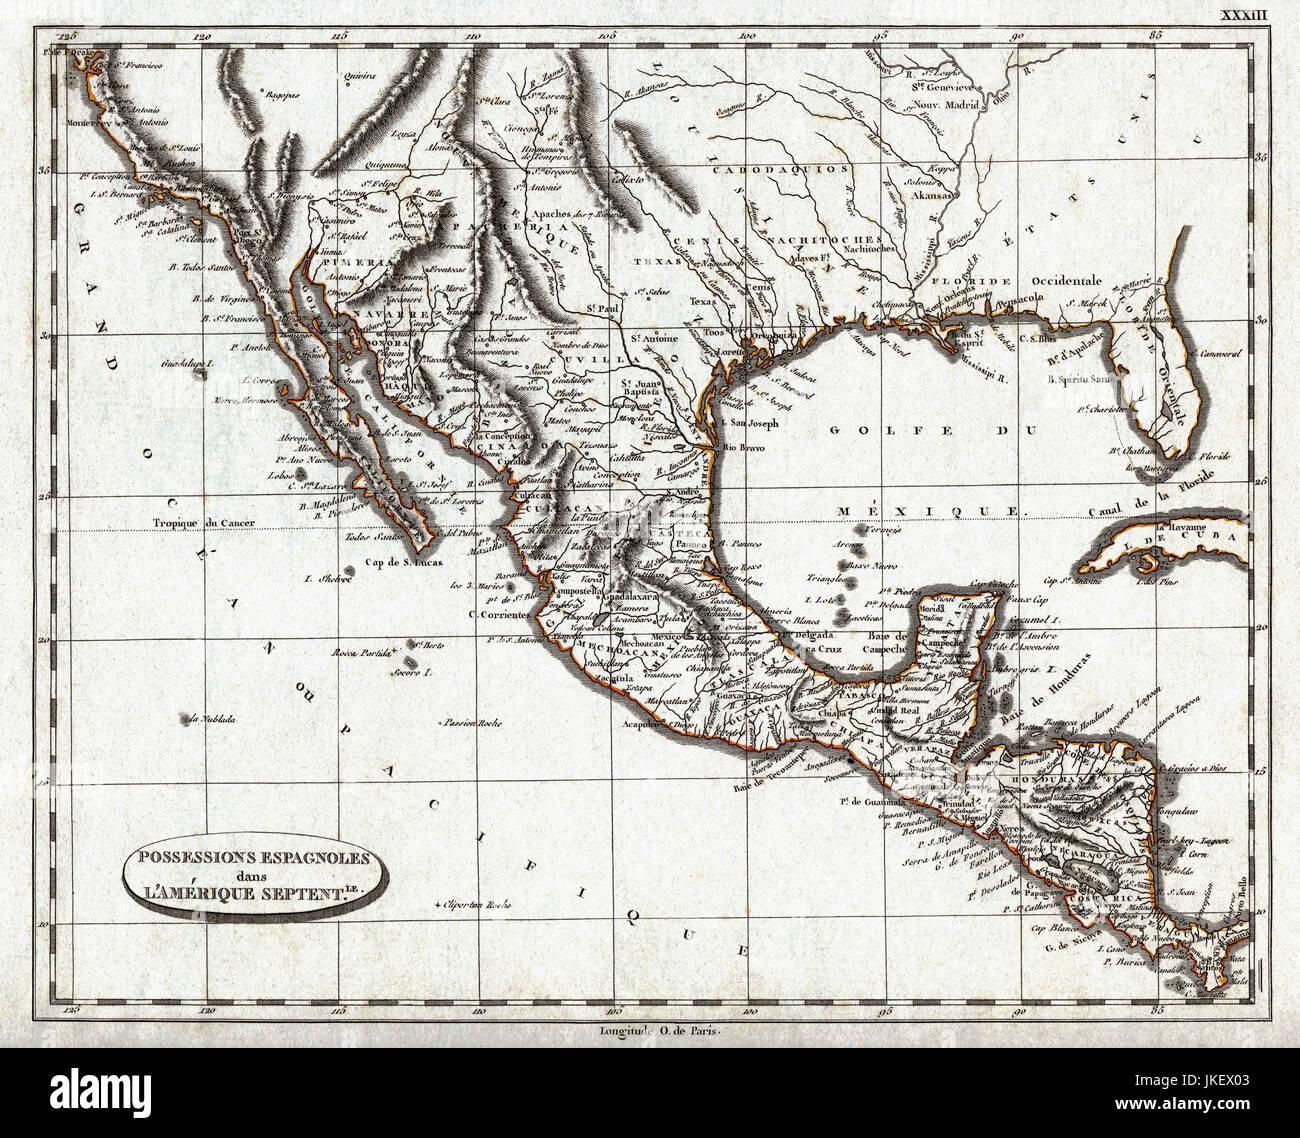 California Arizona New Mexico Texas Louisiana Map Labelled - Map of california and arizona